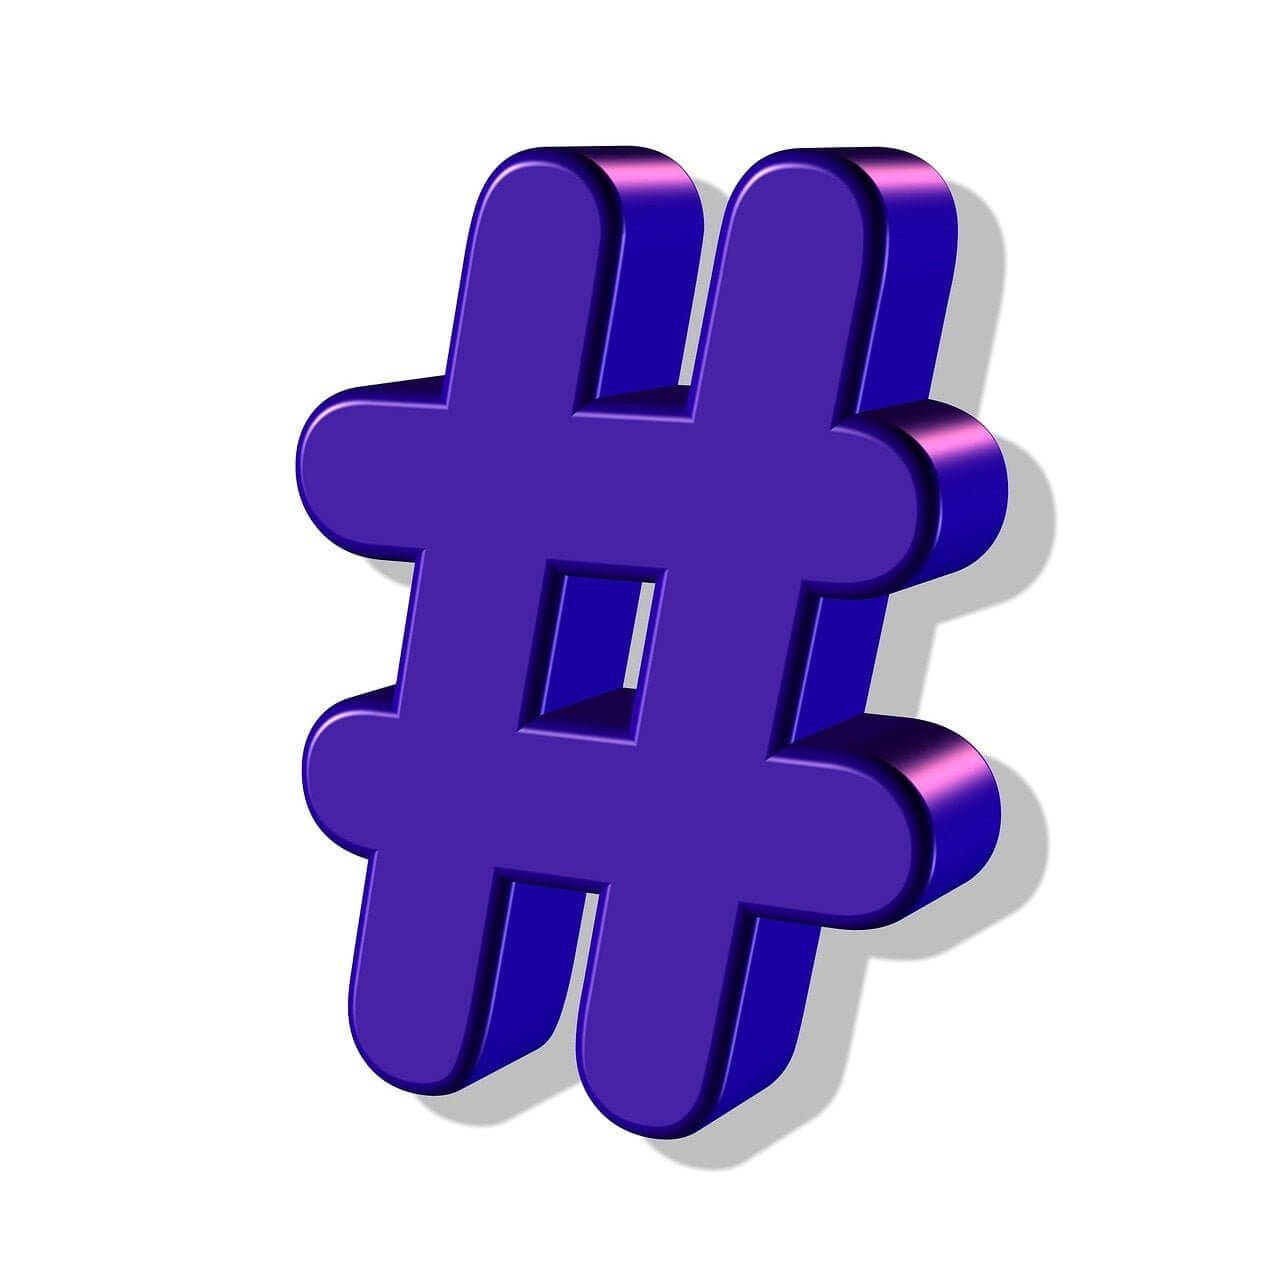 Hashtag Montauban – Les hashtags les plus populaires sur Montauban pour Instagram